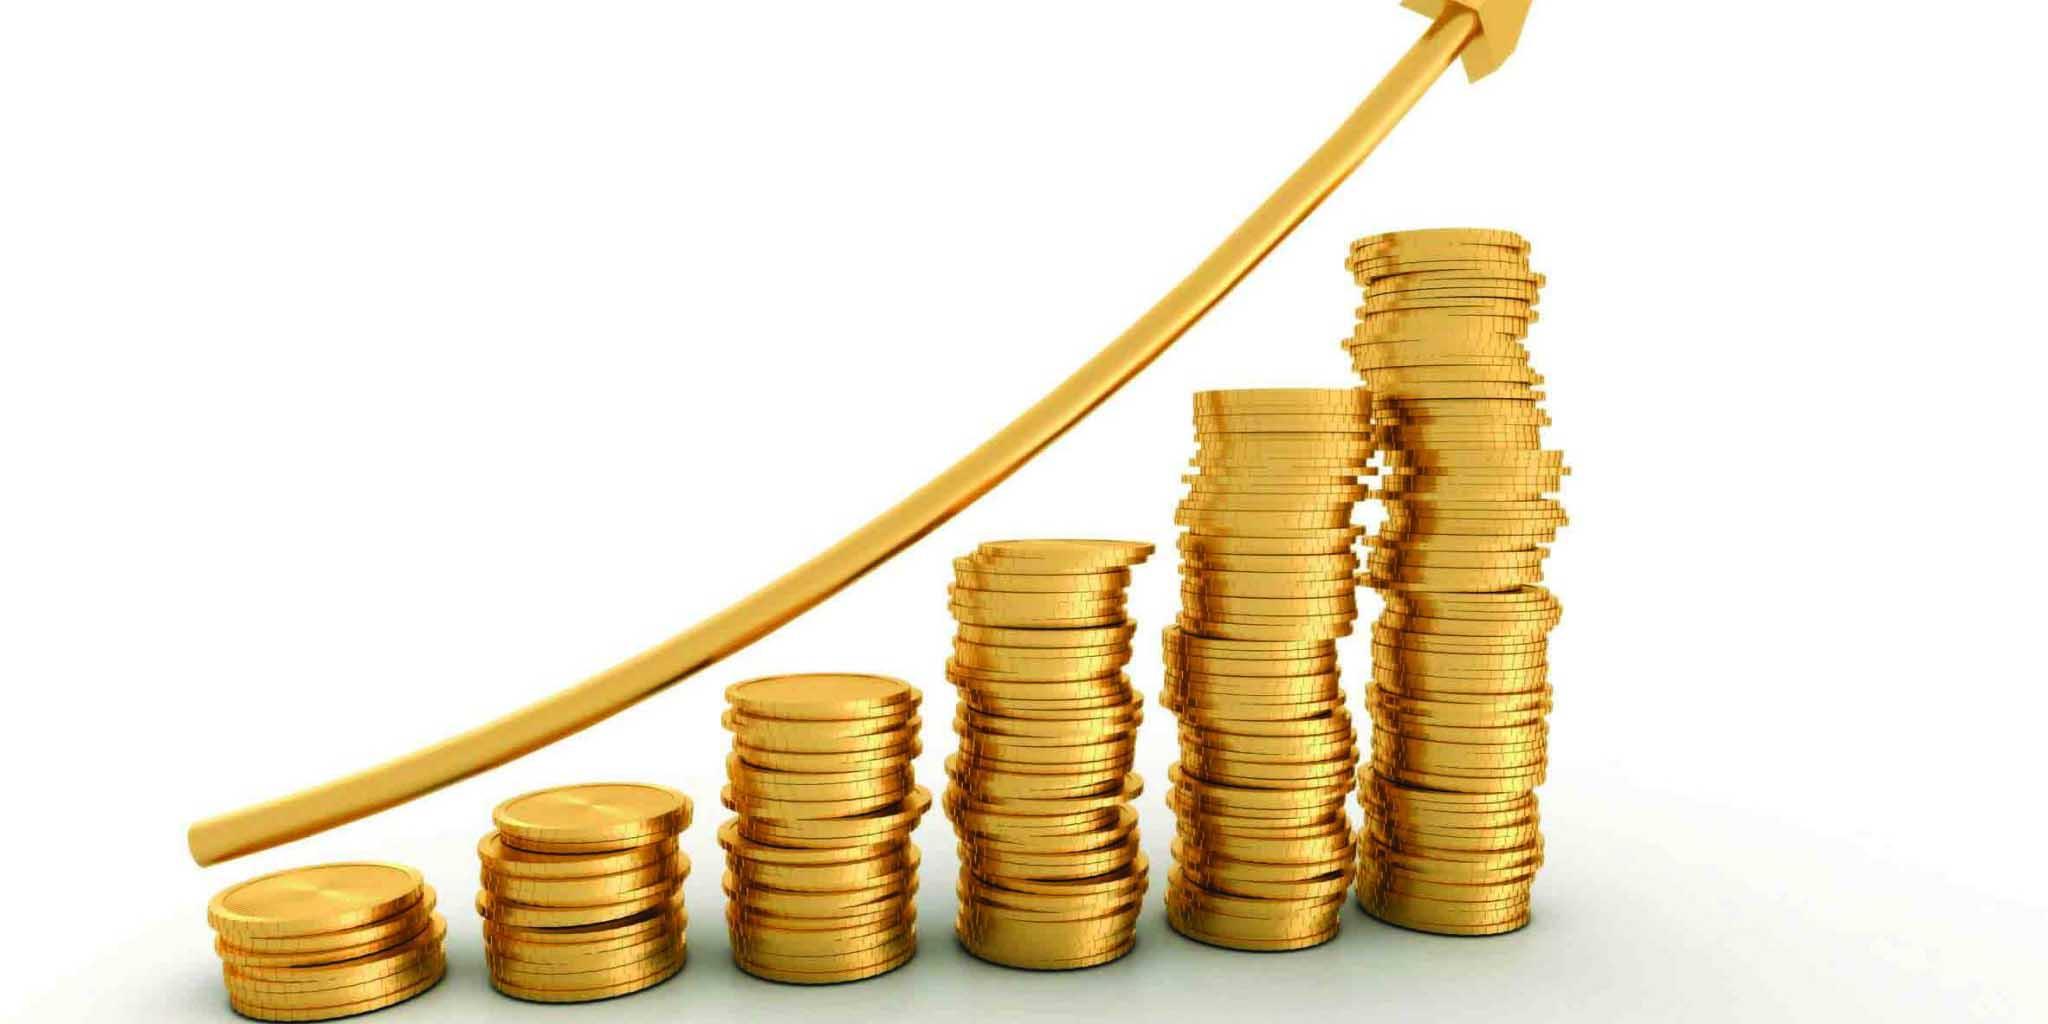 لزوم حمایت از پوشش ریسک به جای نوسان قیمت